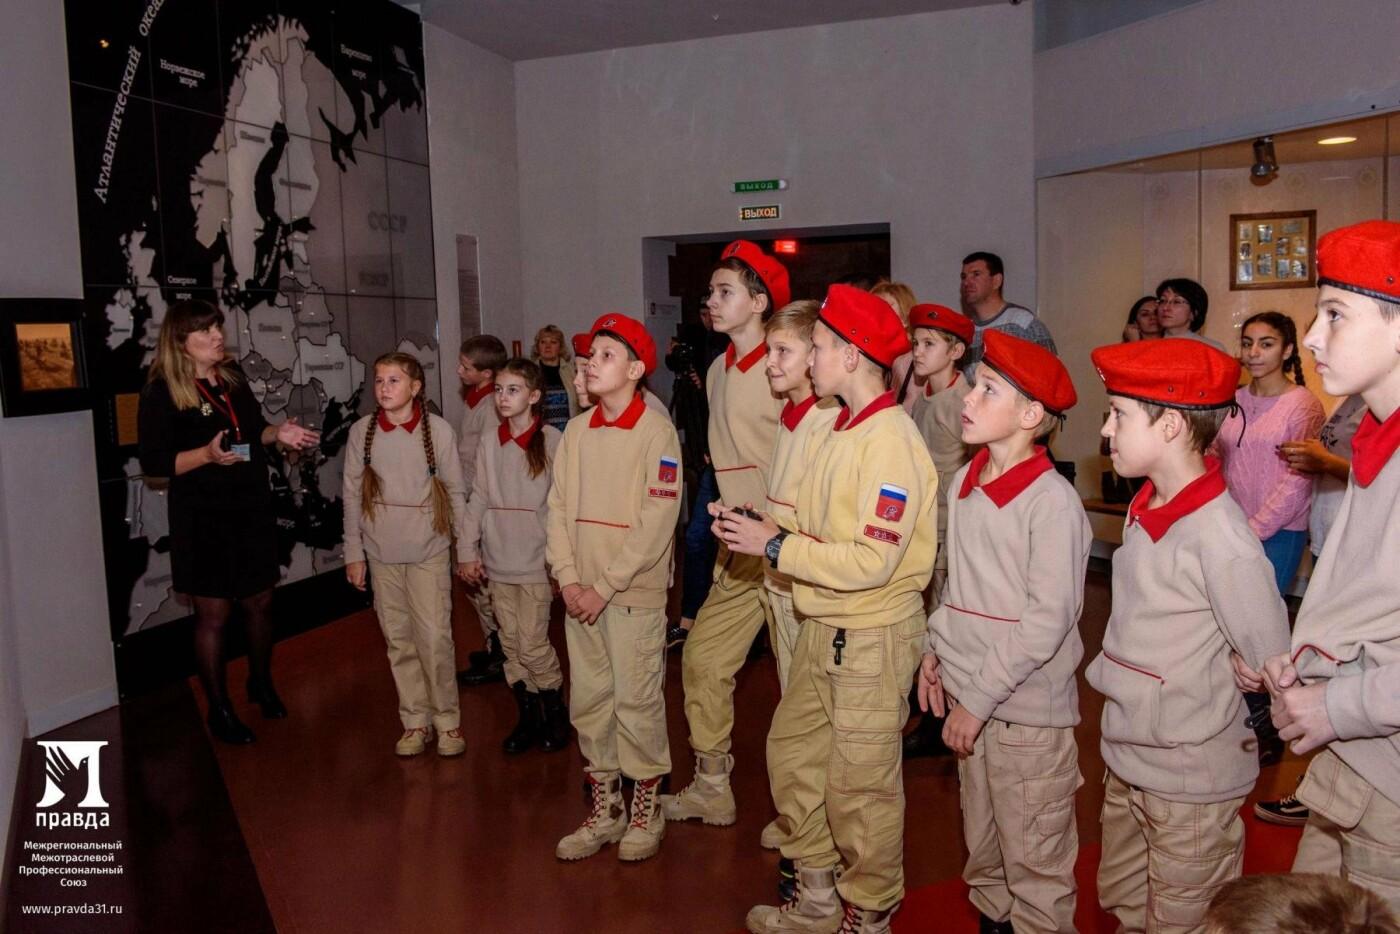 Поколение патриотов: юнармейцы благодаря профсоюзу «Правда» узнали больше о танковом сражении 1943 года, фото-3